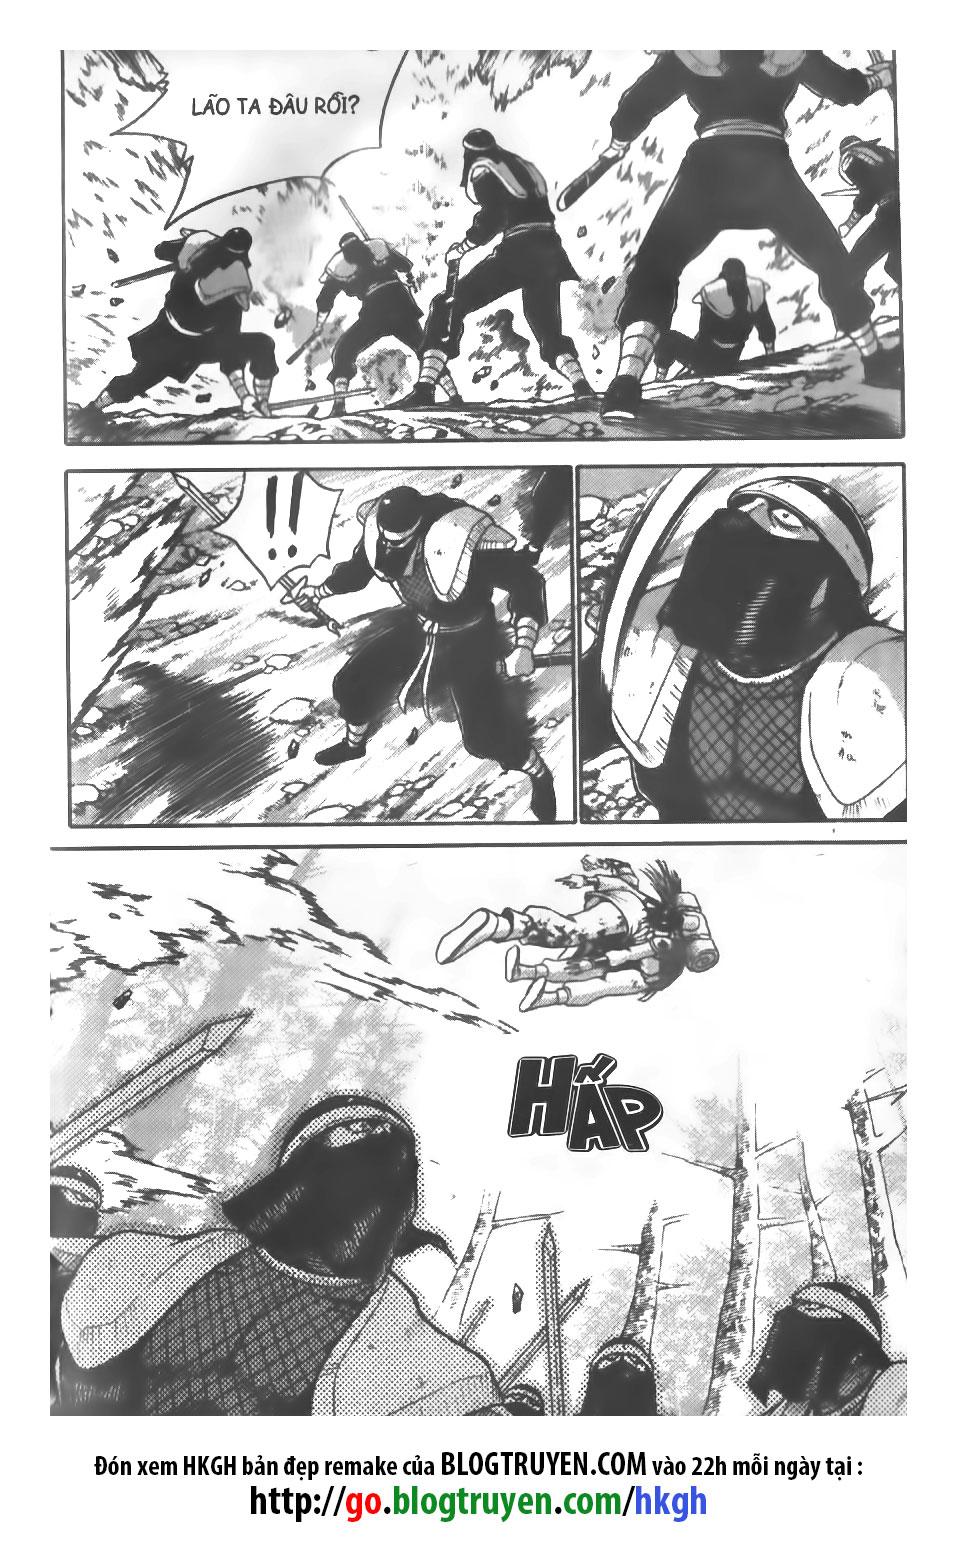 xem truyen moi - Hiệp Khách Giang Hồ Vol43 - Chap 297 - Remake